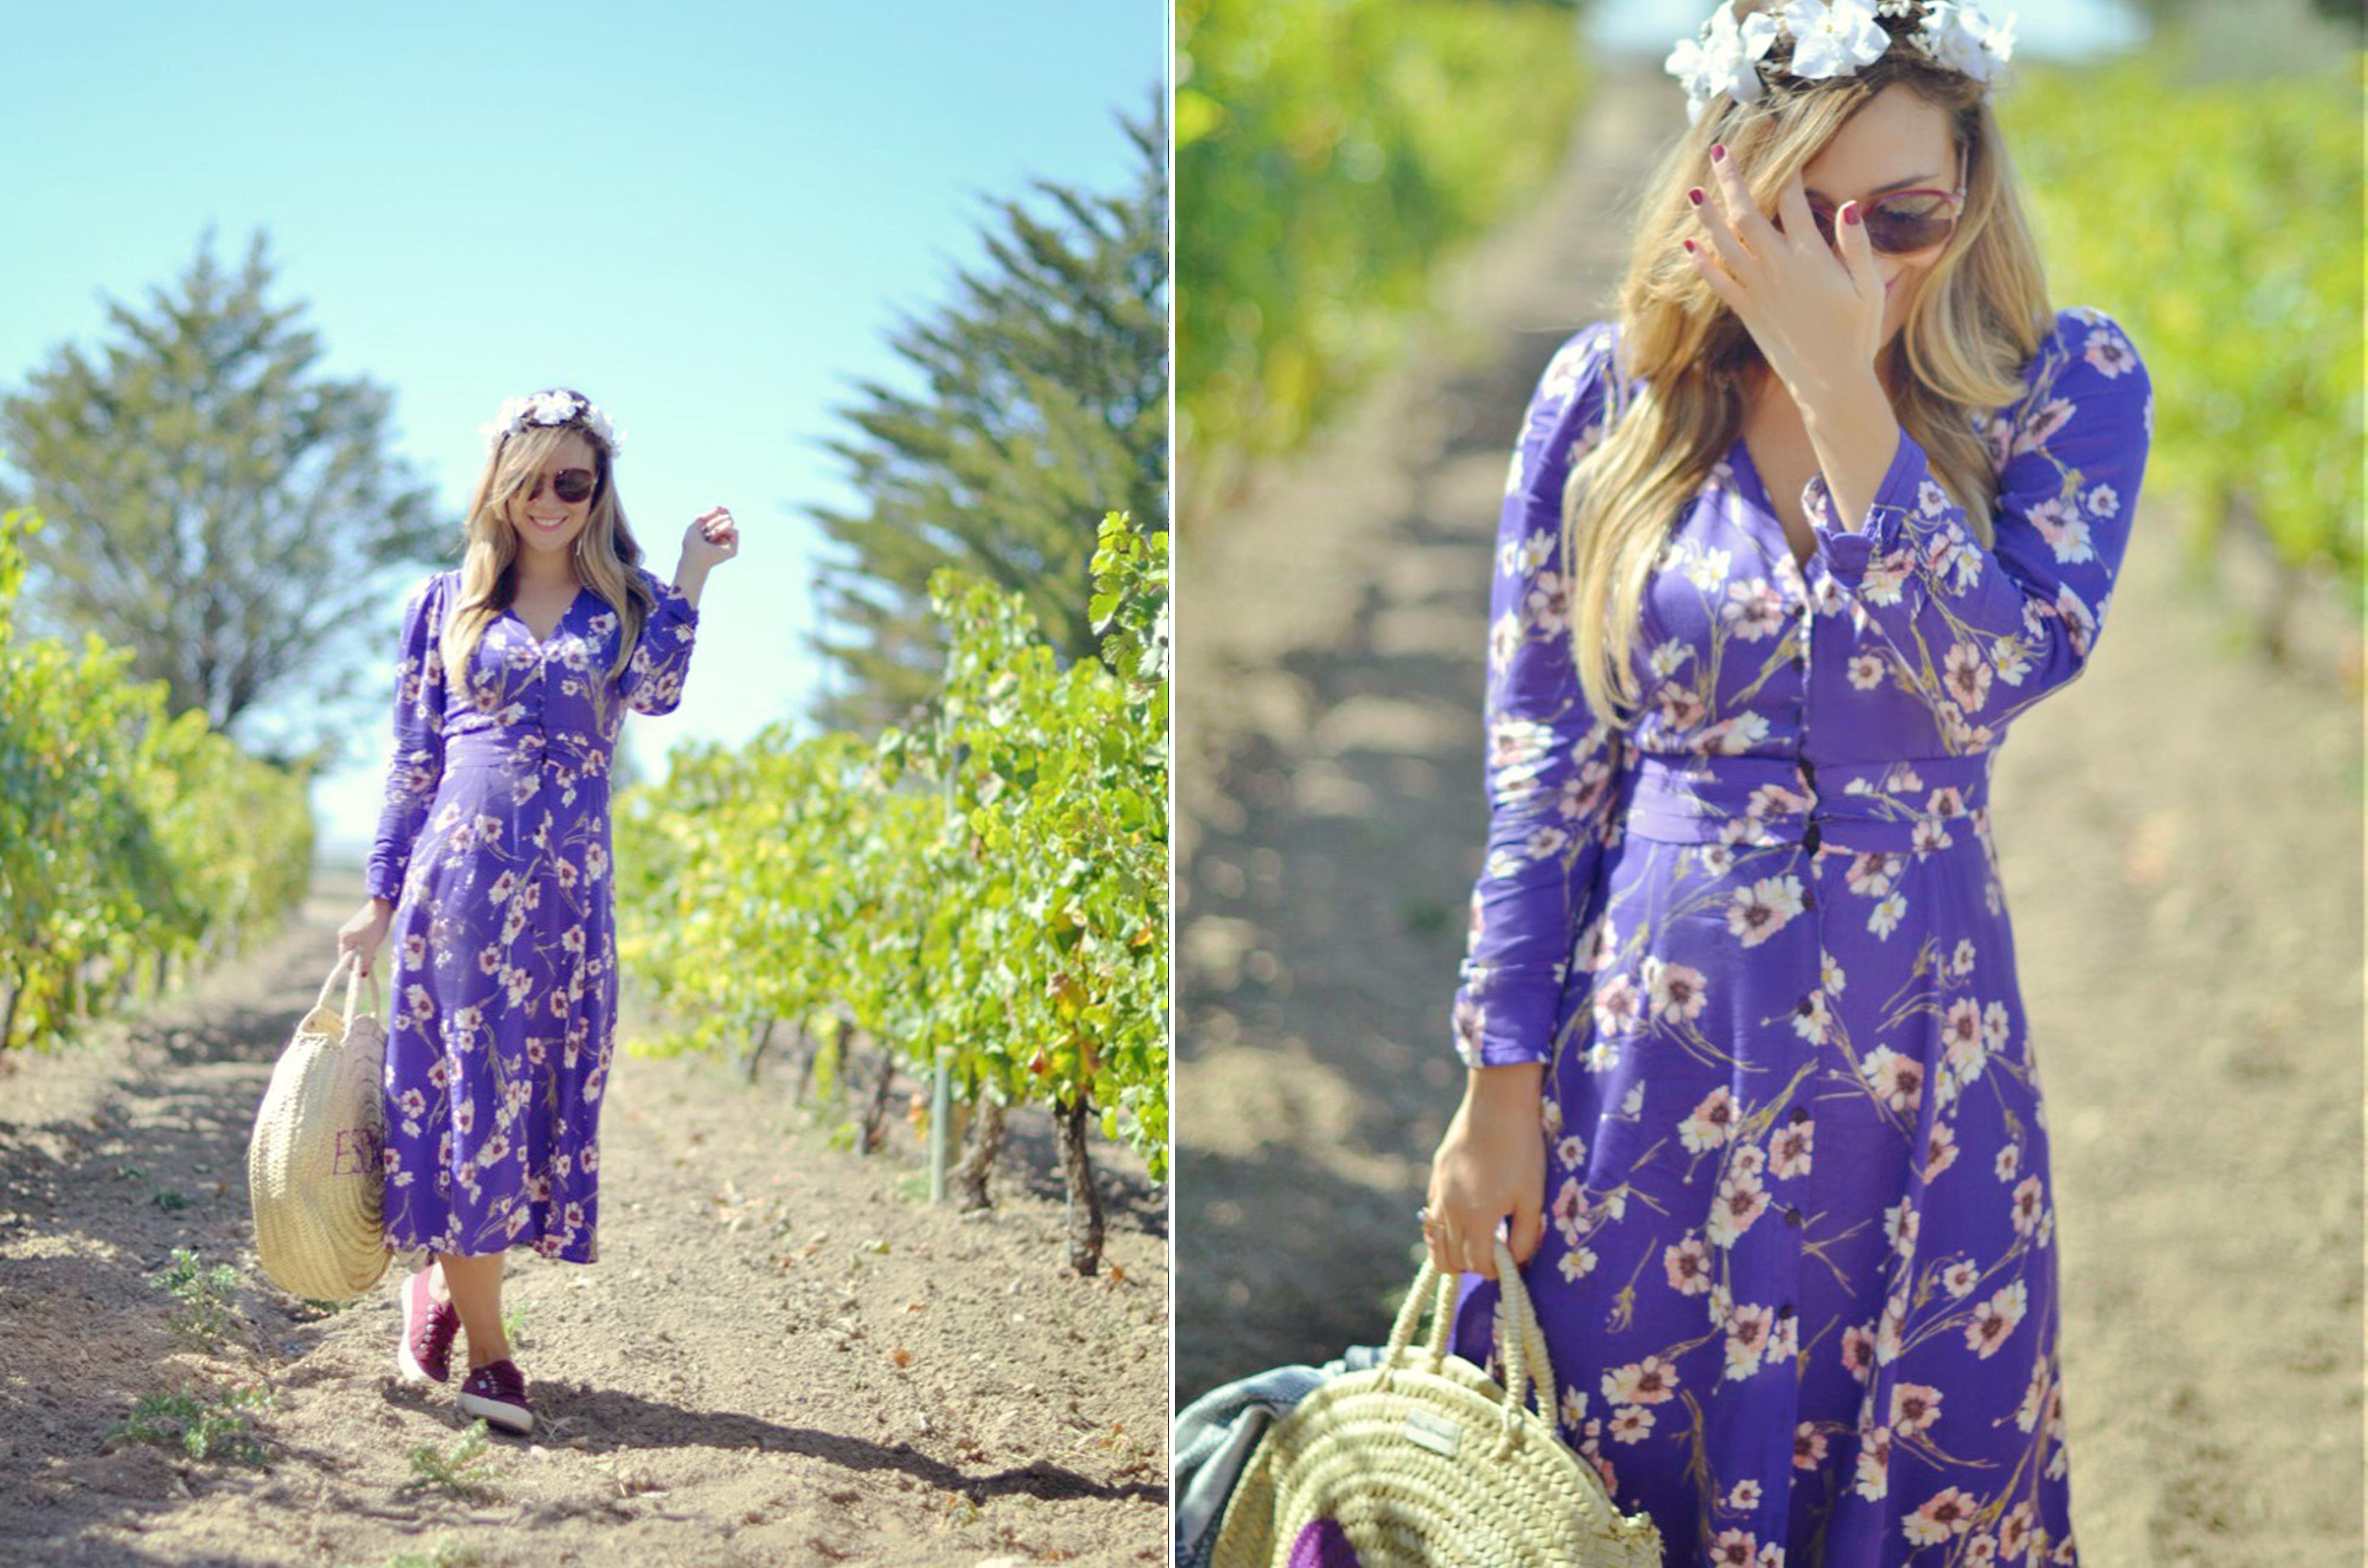 Esdor-Vendimia-Chic-Fashionista-ChicAdicta.blog-de-moda-Chic-Adicta-influencer-zapatillas-superga-vestido-mango-flores-PiensaenChic-Piensa-en-Chic